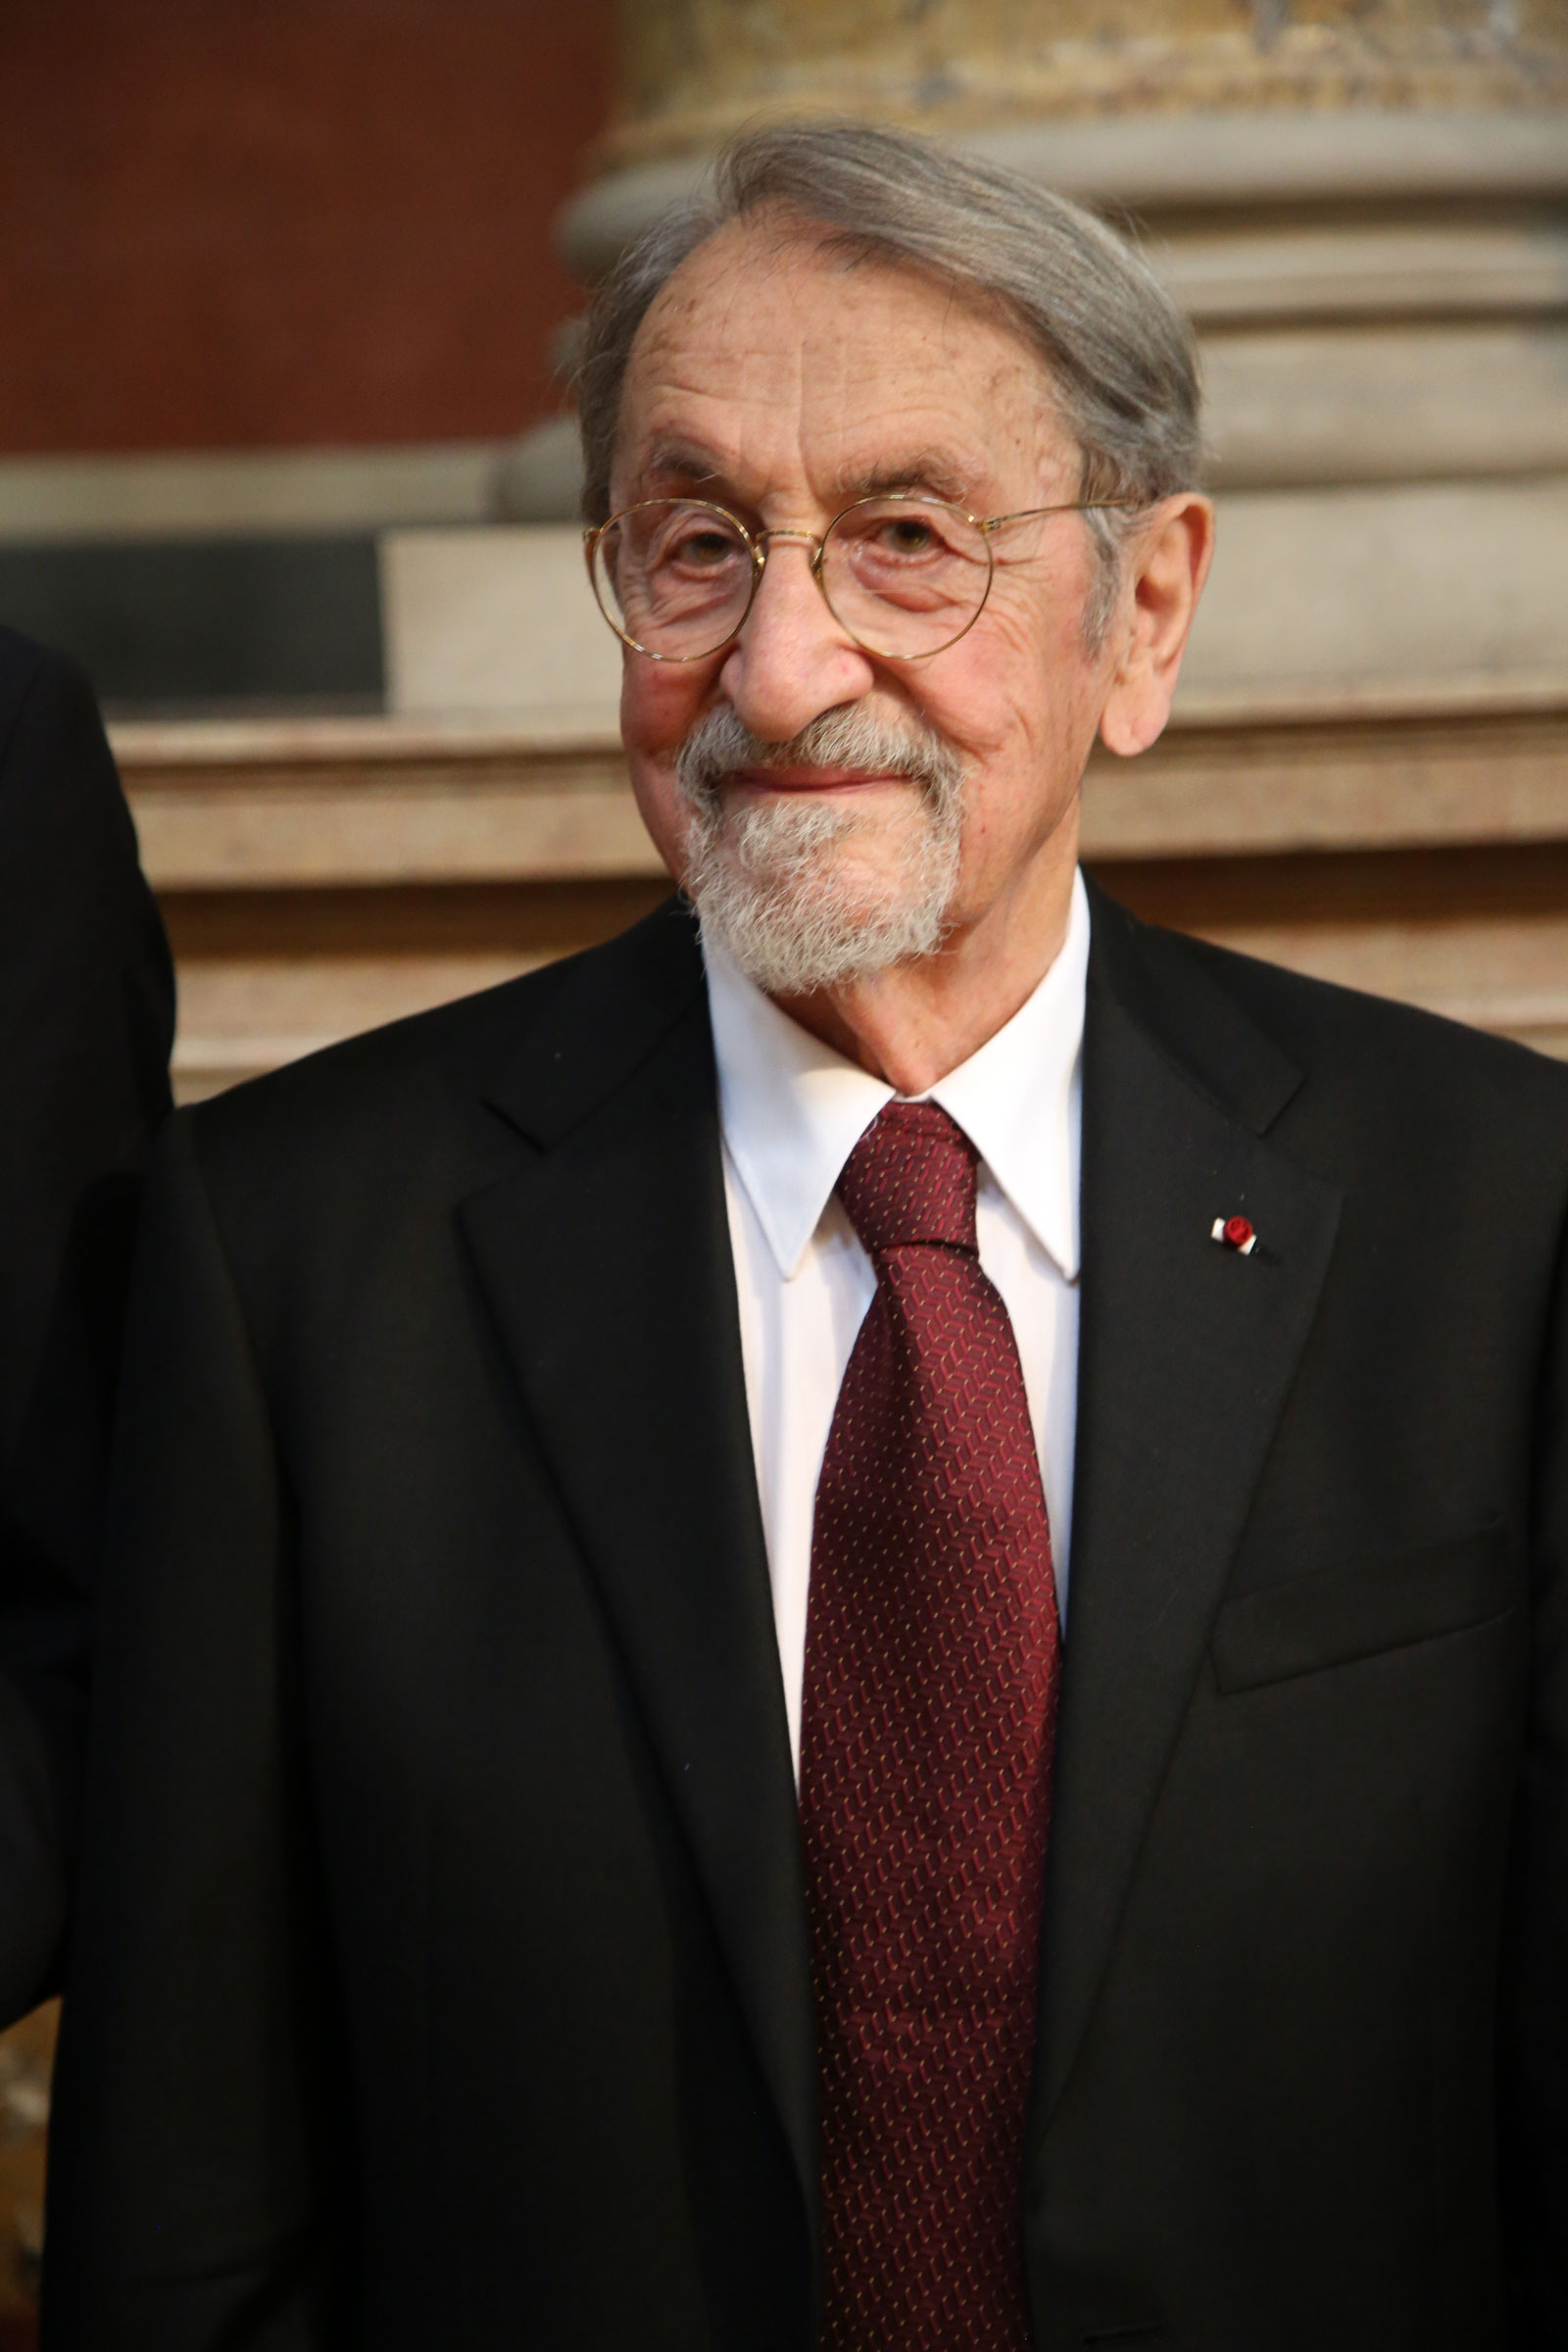 Martin Karplus, Ehrenbürger von Wien, Foto: Franz Johann Morgenbesser, CC BY-SA 2.0